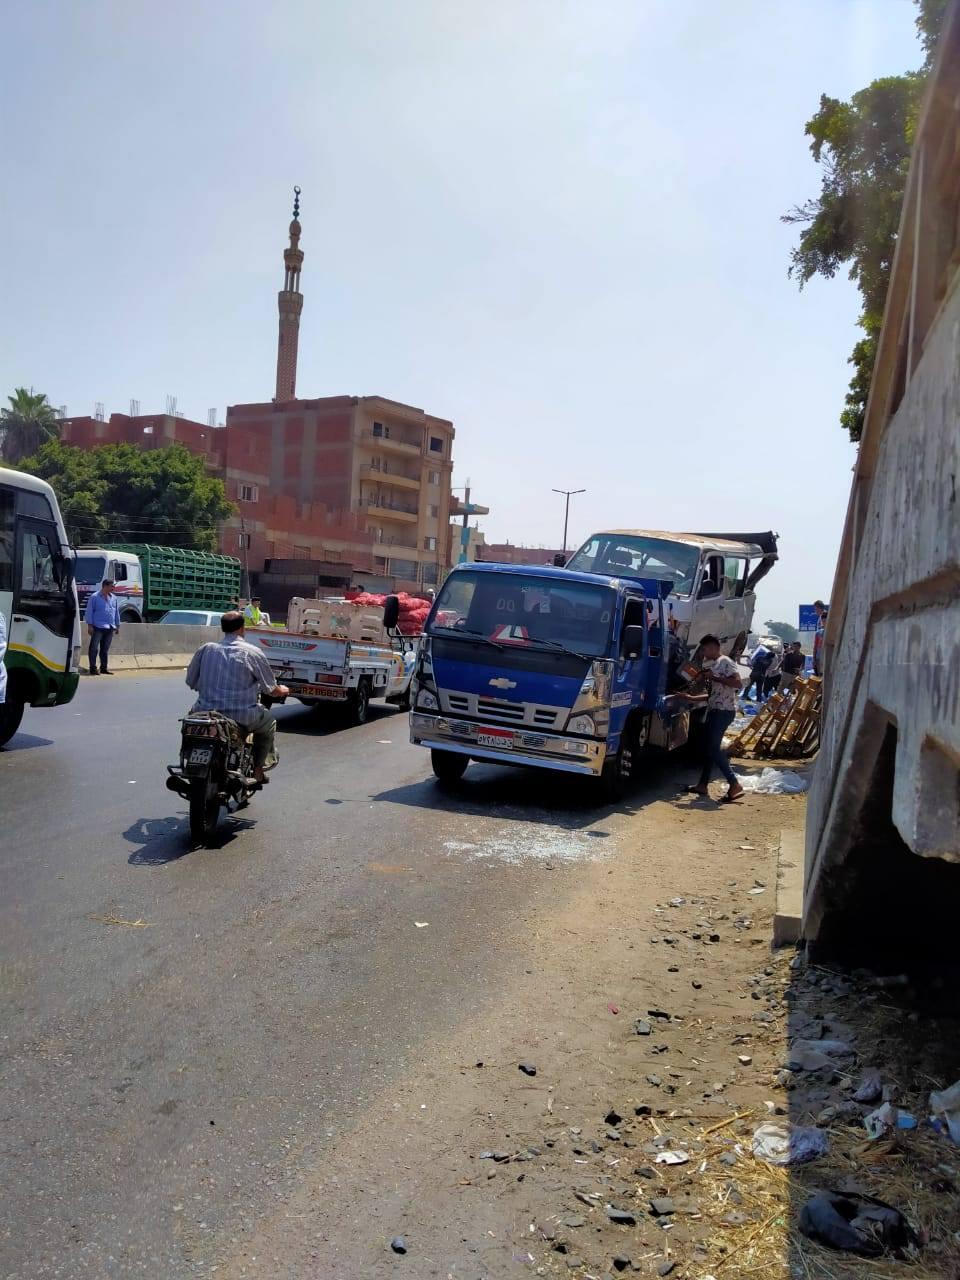 الحادث المرورى بالطريق الزراعي 4